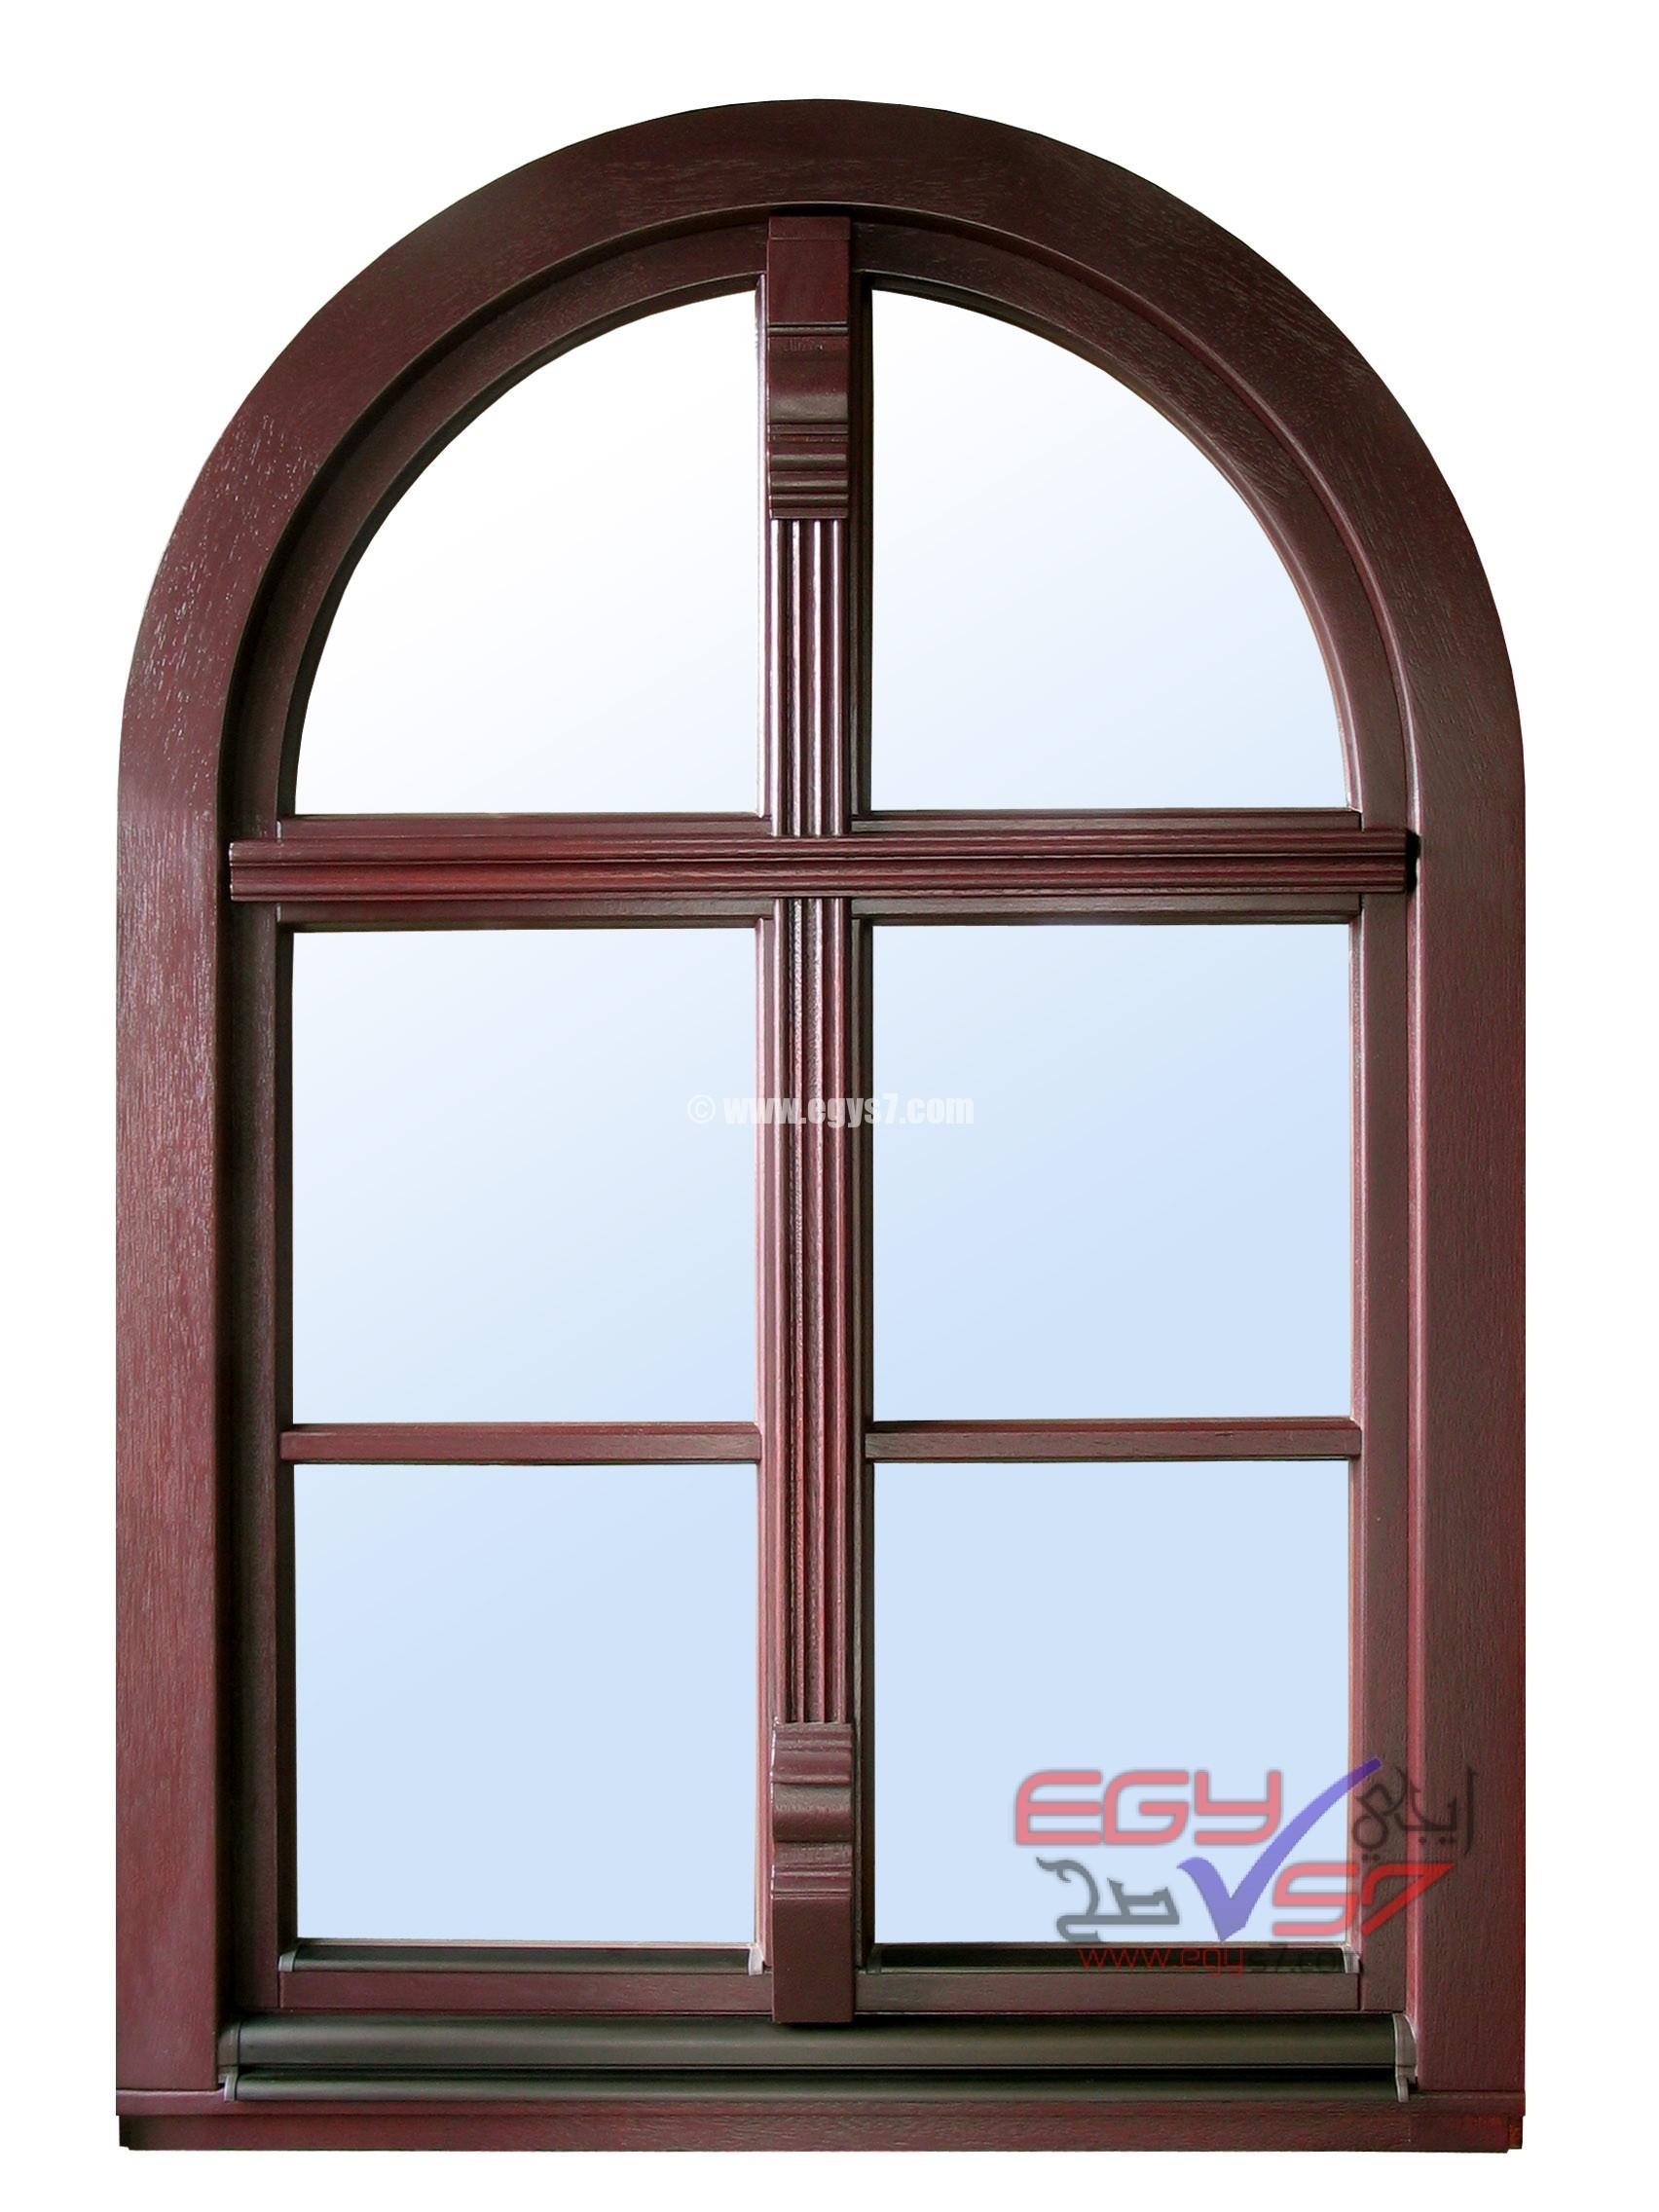 بالصور صور نوافذ , اجمل صورة للشبابيك 1830 5